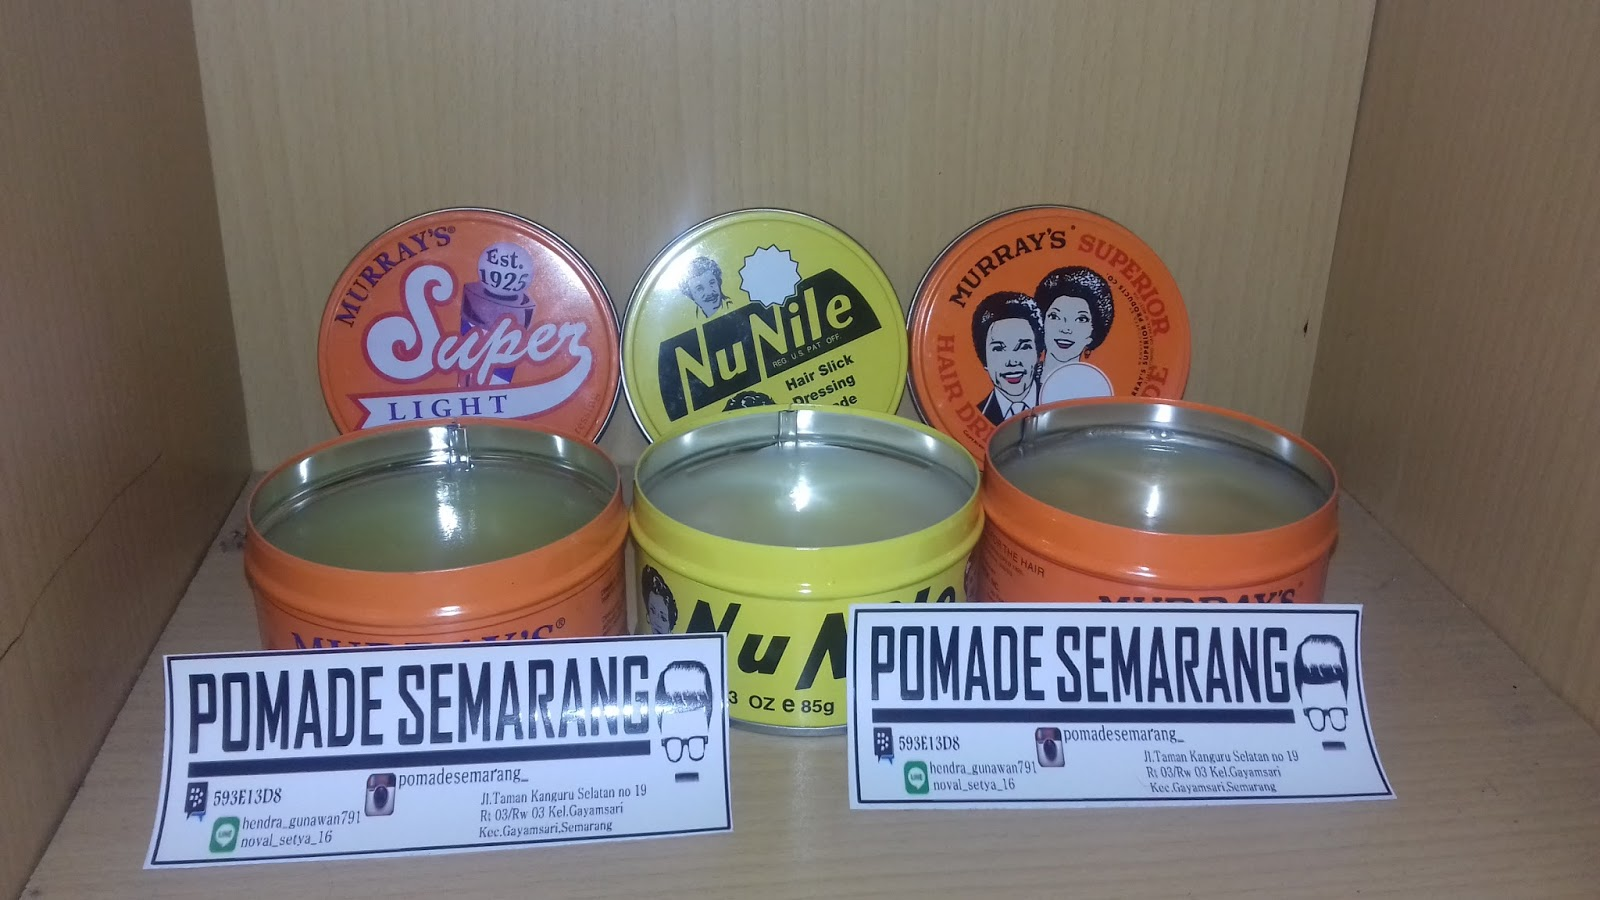 Pomade Semarang Jual Daerah Murrays Xtra Heavy Ada Beberapa Varian Yang Tersedia Sesuai Dengan Daya Hold Dan Shine Anda Perlukan Untuk Gaya Rambutmu